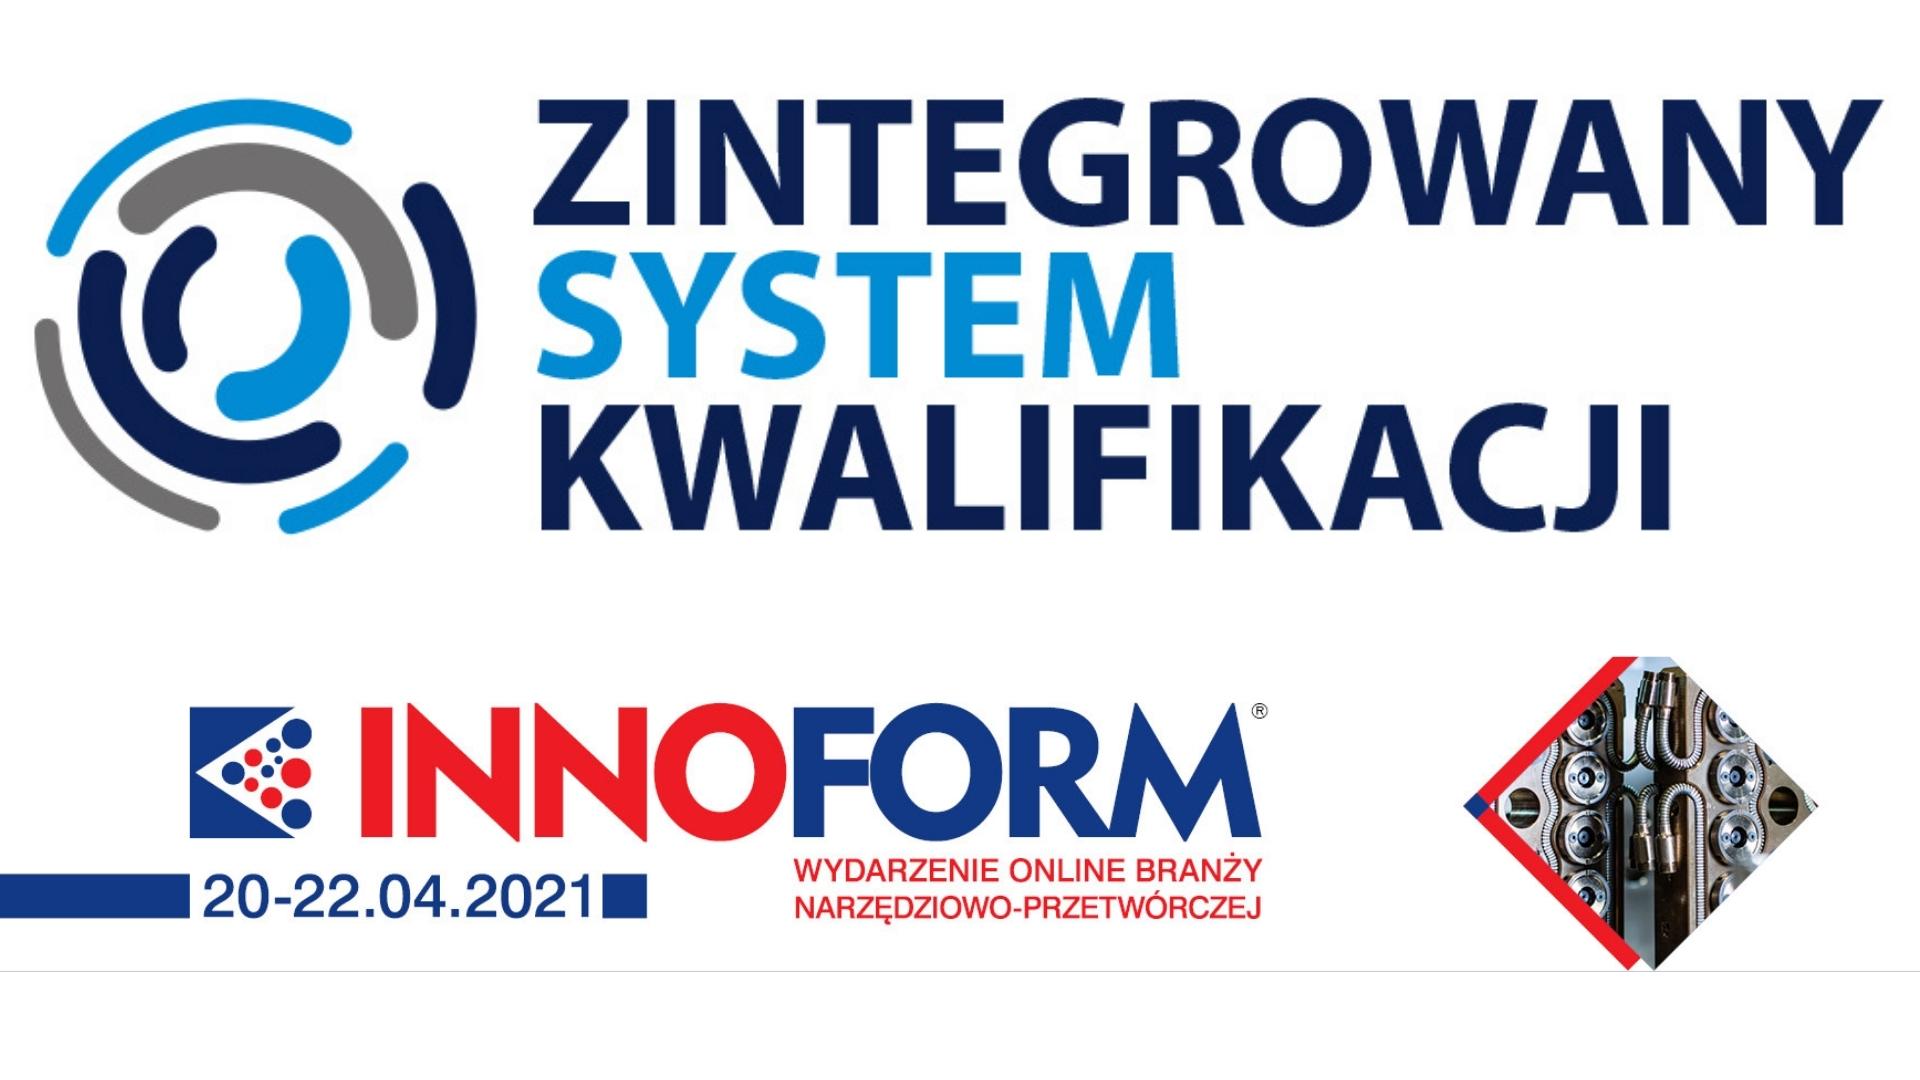 Zintegrowany System Kwalifikacji na konferencji INNOFORM